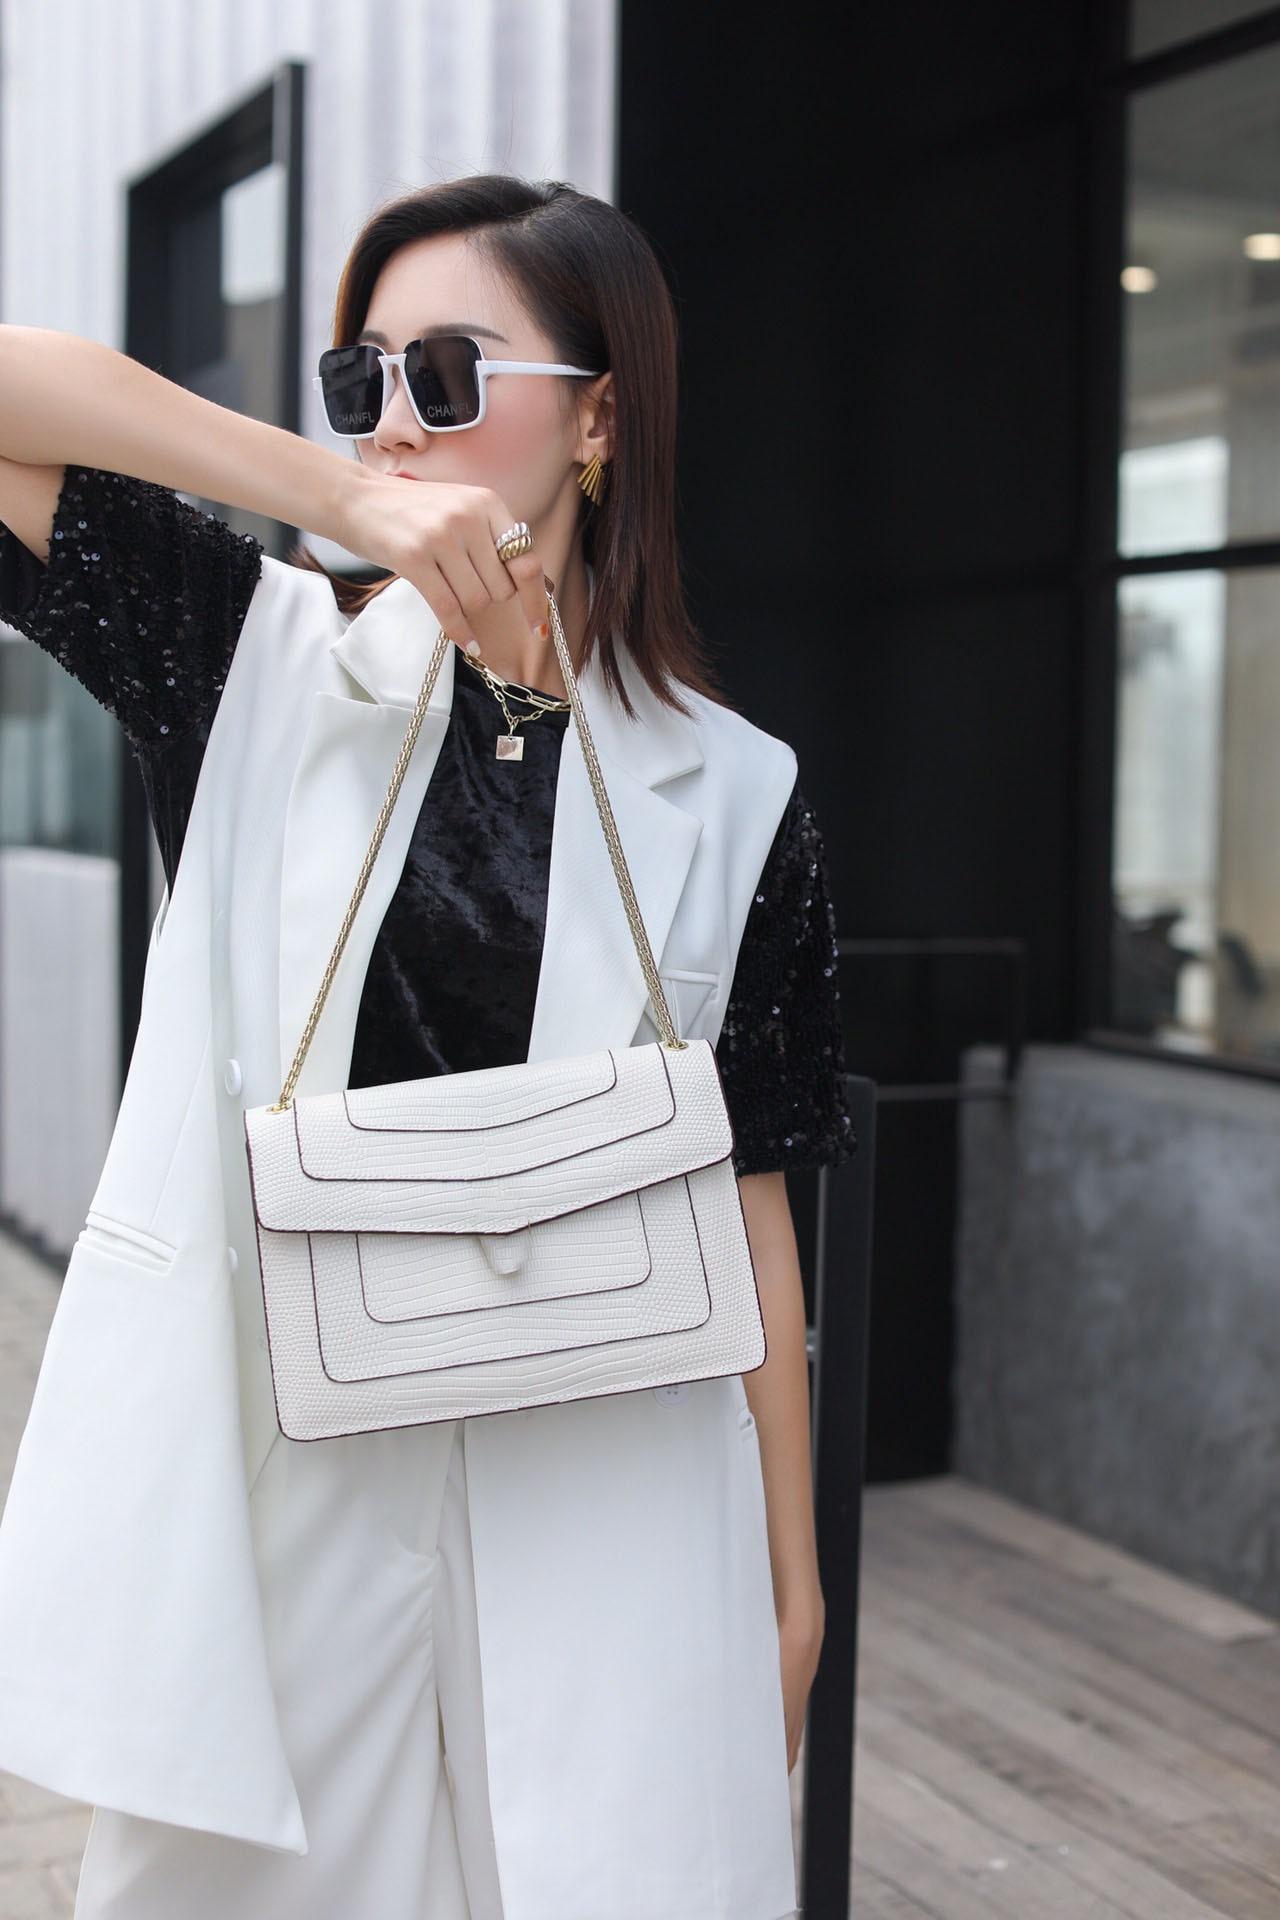 2021 الكلاسيكية نمط جديد الموضة وجميلة حقيقية جلد البقر سلسلة نسائية واحدة الكتف حقيبة كروسبودي 27 سنتيمتر